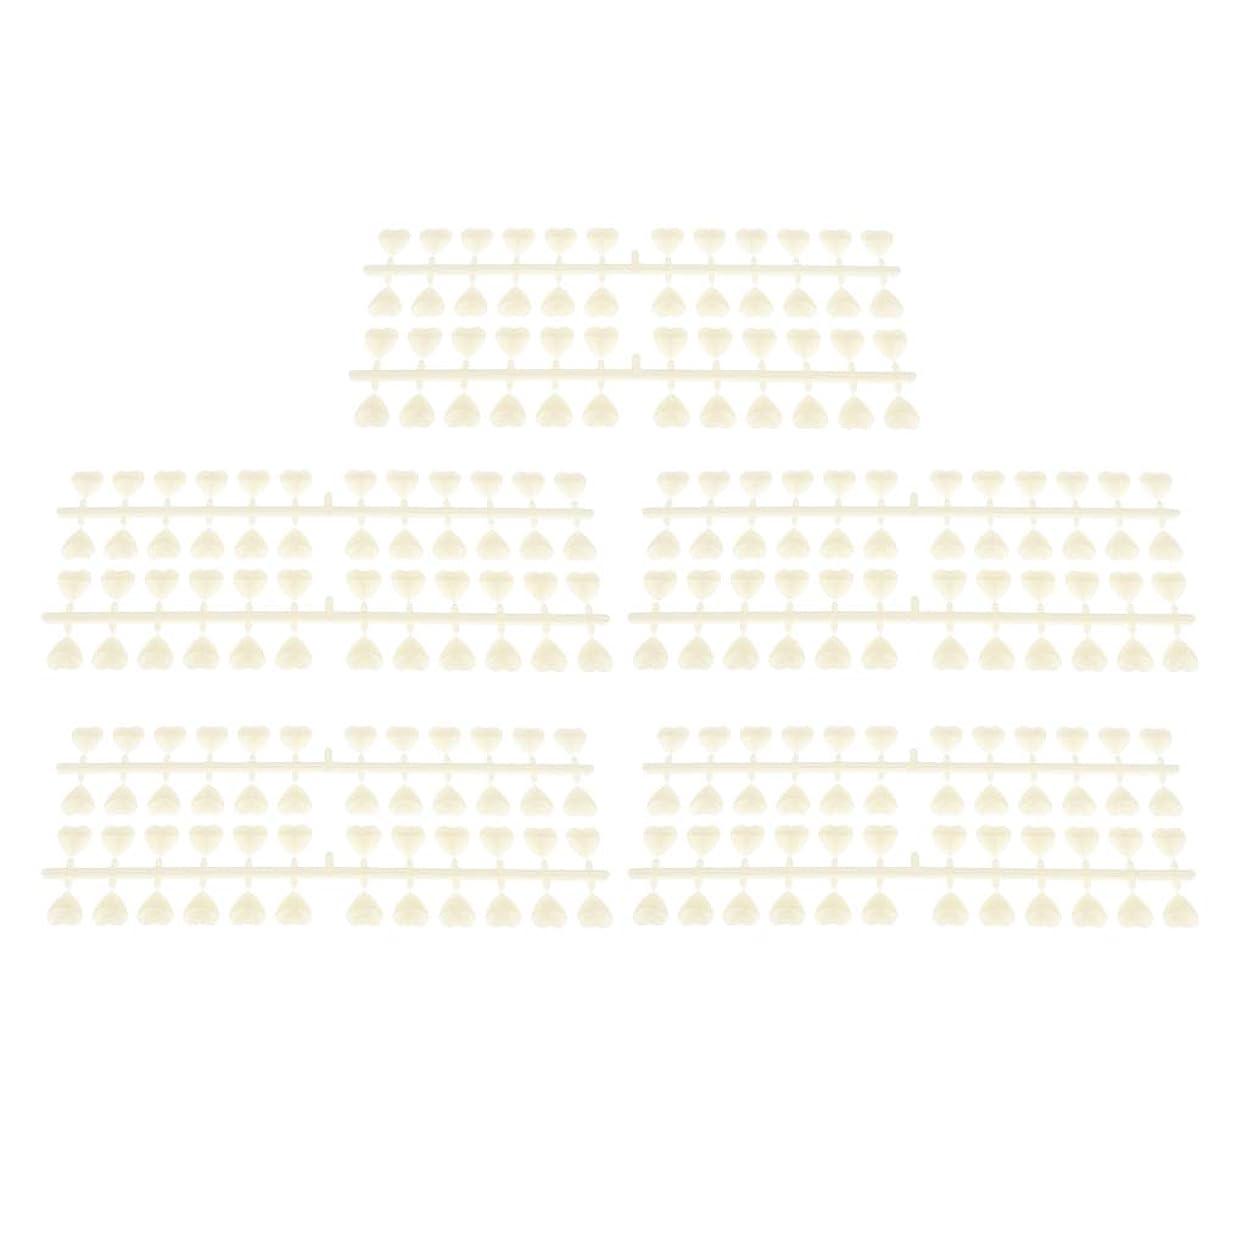 マリン懲らしめテクスチャーB Blesiya 10枚 ネイルアートチップ カラーカード ネイルヒント ネイルポーランド ネイルサロン 3タイプ選べ - ハートシェイプ